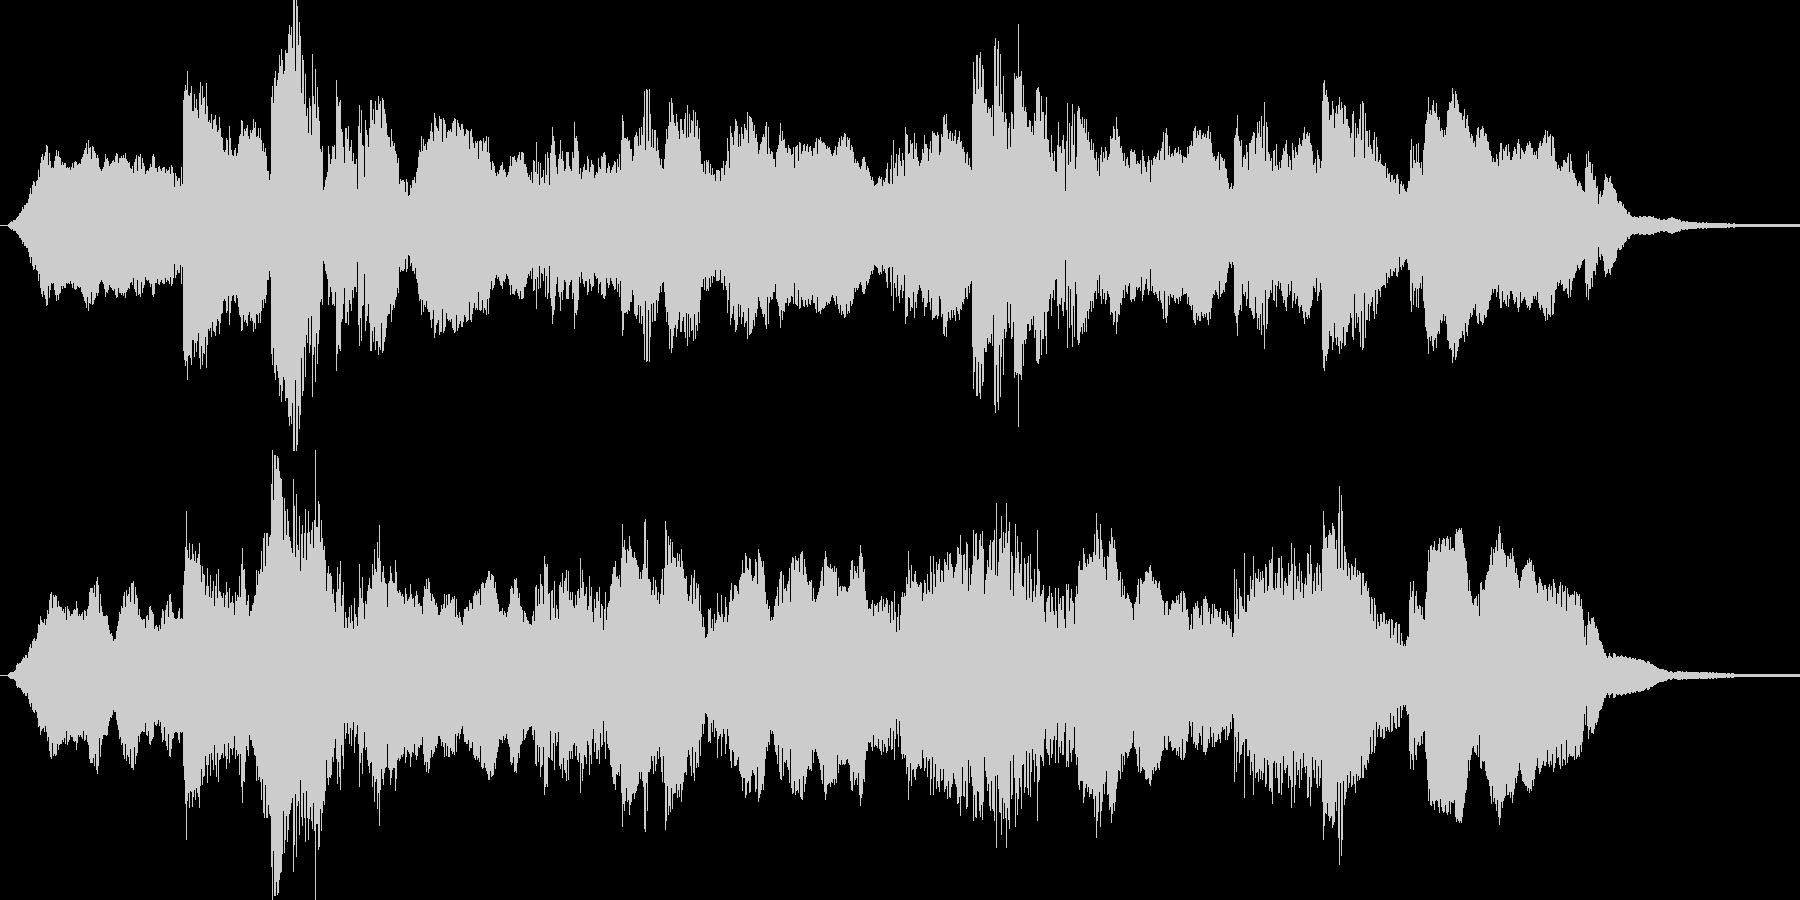 ゆったりした目覚めの短めBGMの未再生の波形